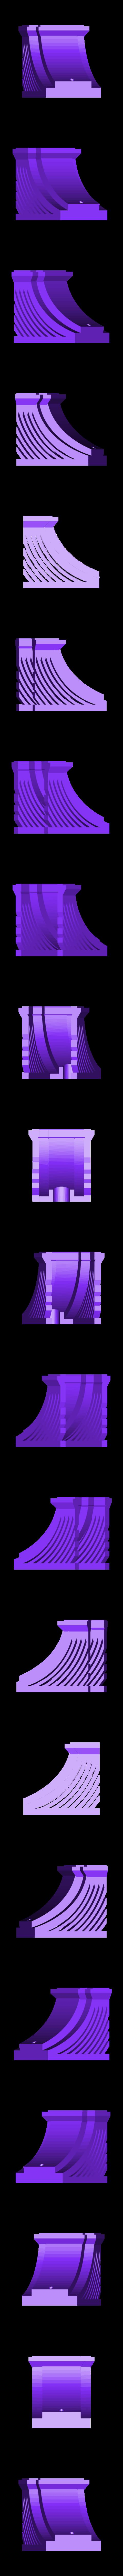 Base_in_half_a.stl Télécharger fichier STL gratuit Led lampe de pont Segment Universel • Objet imprimable en 3D, Opossums